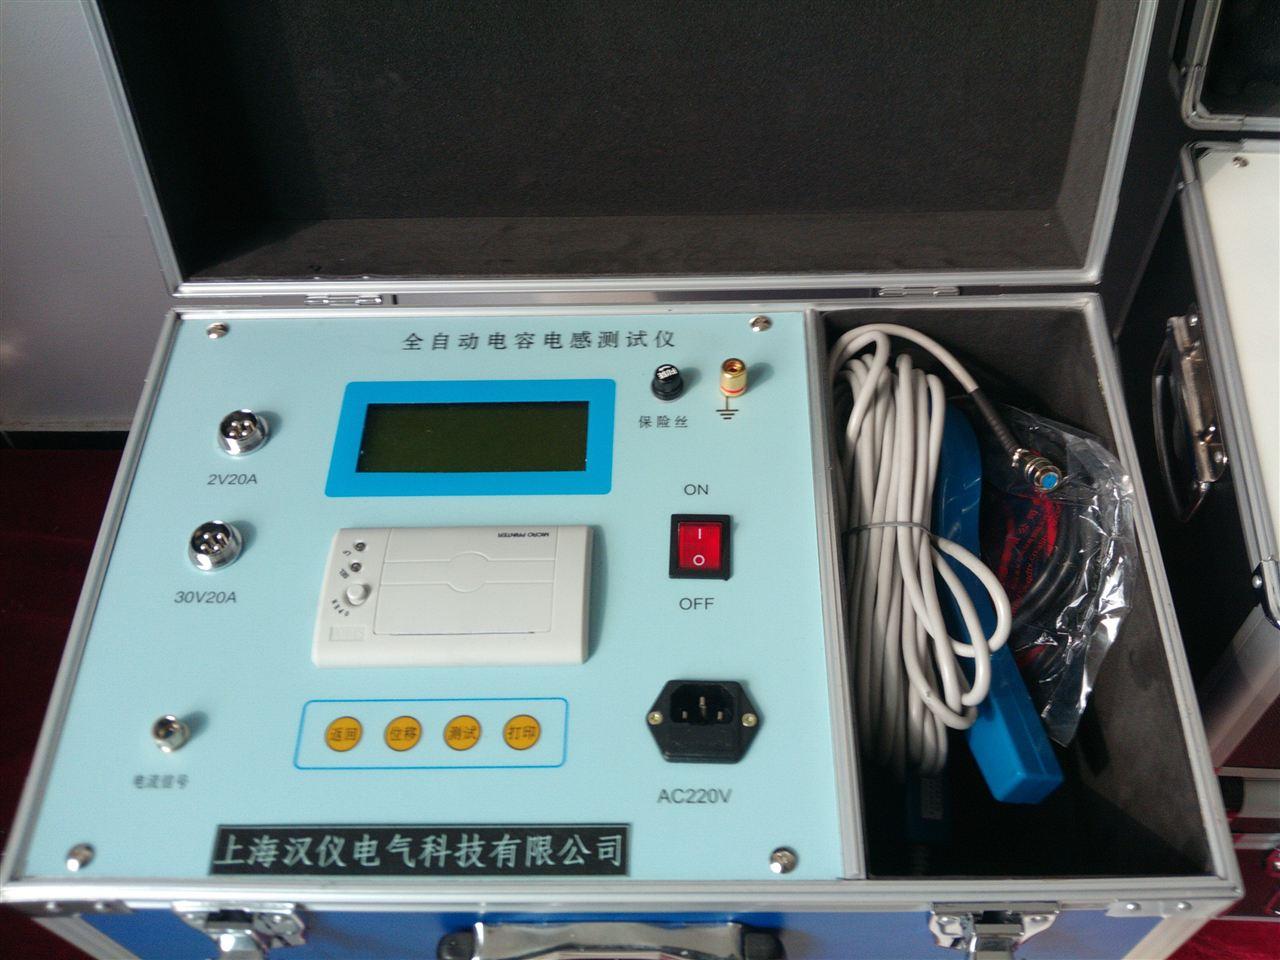 变压器电参数测试仪,蓄电池组负载测试仪,接地电阻测试仪,直流电阻